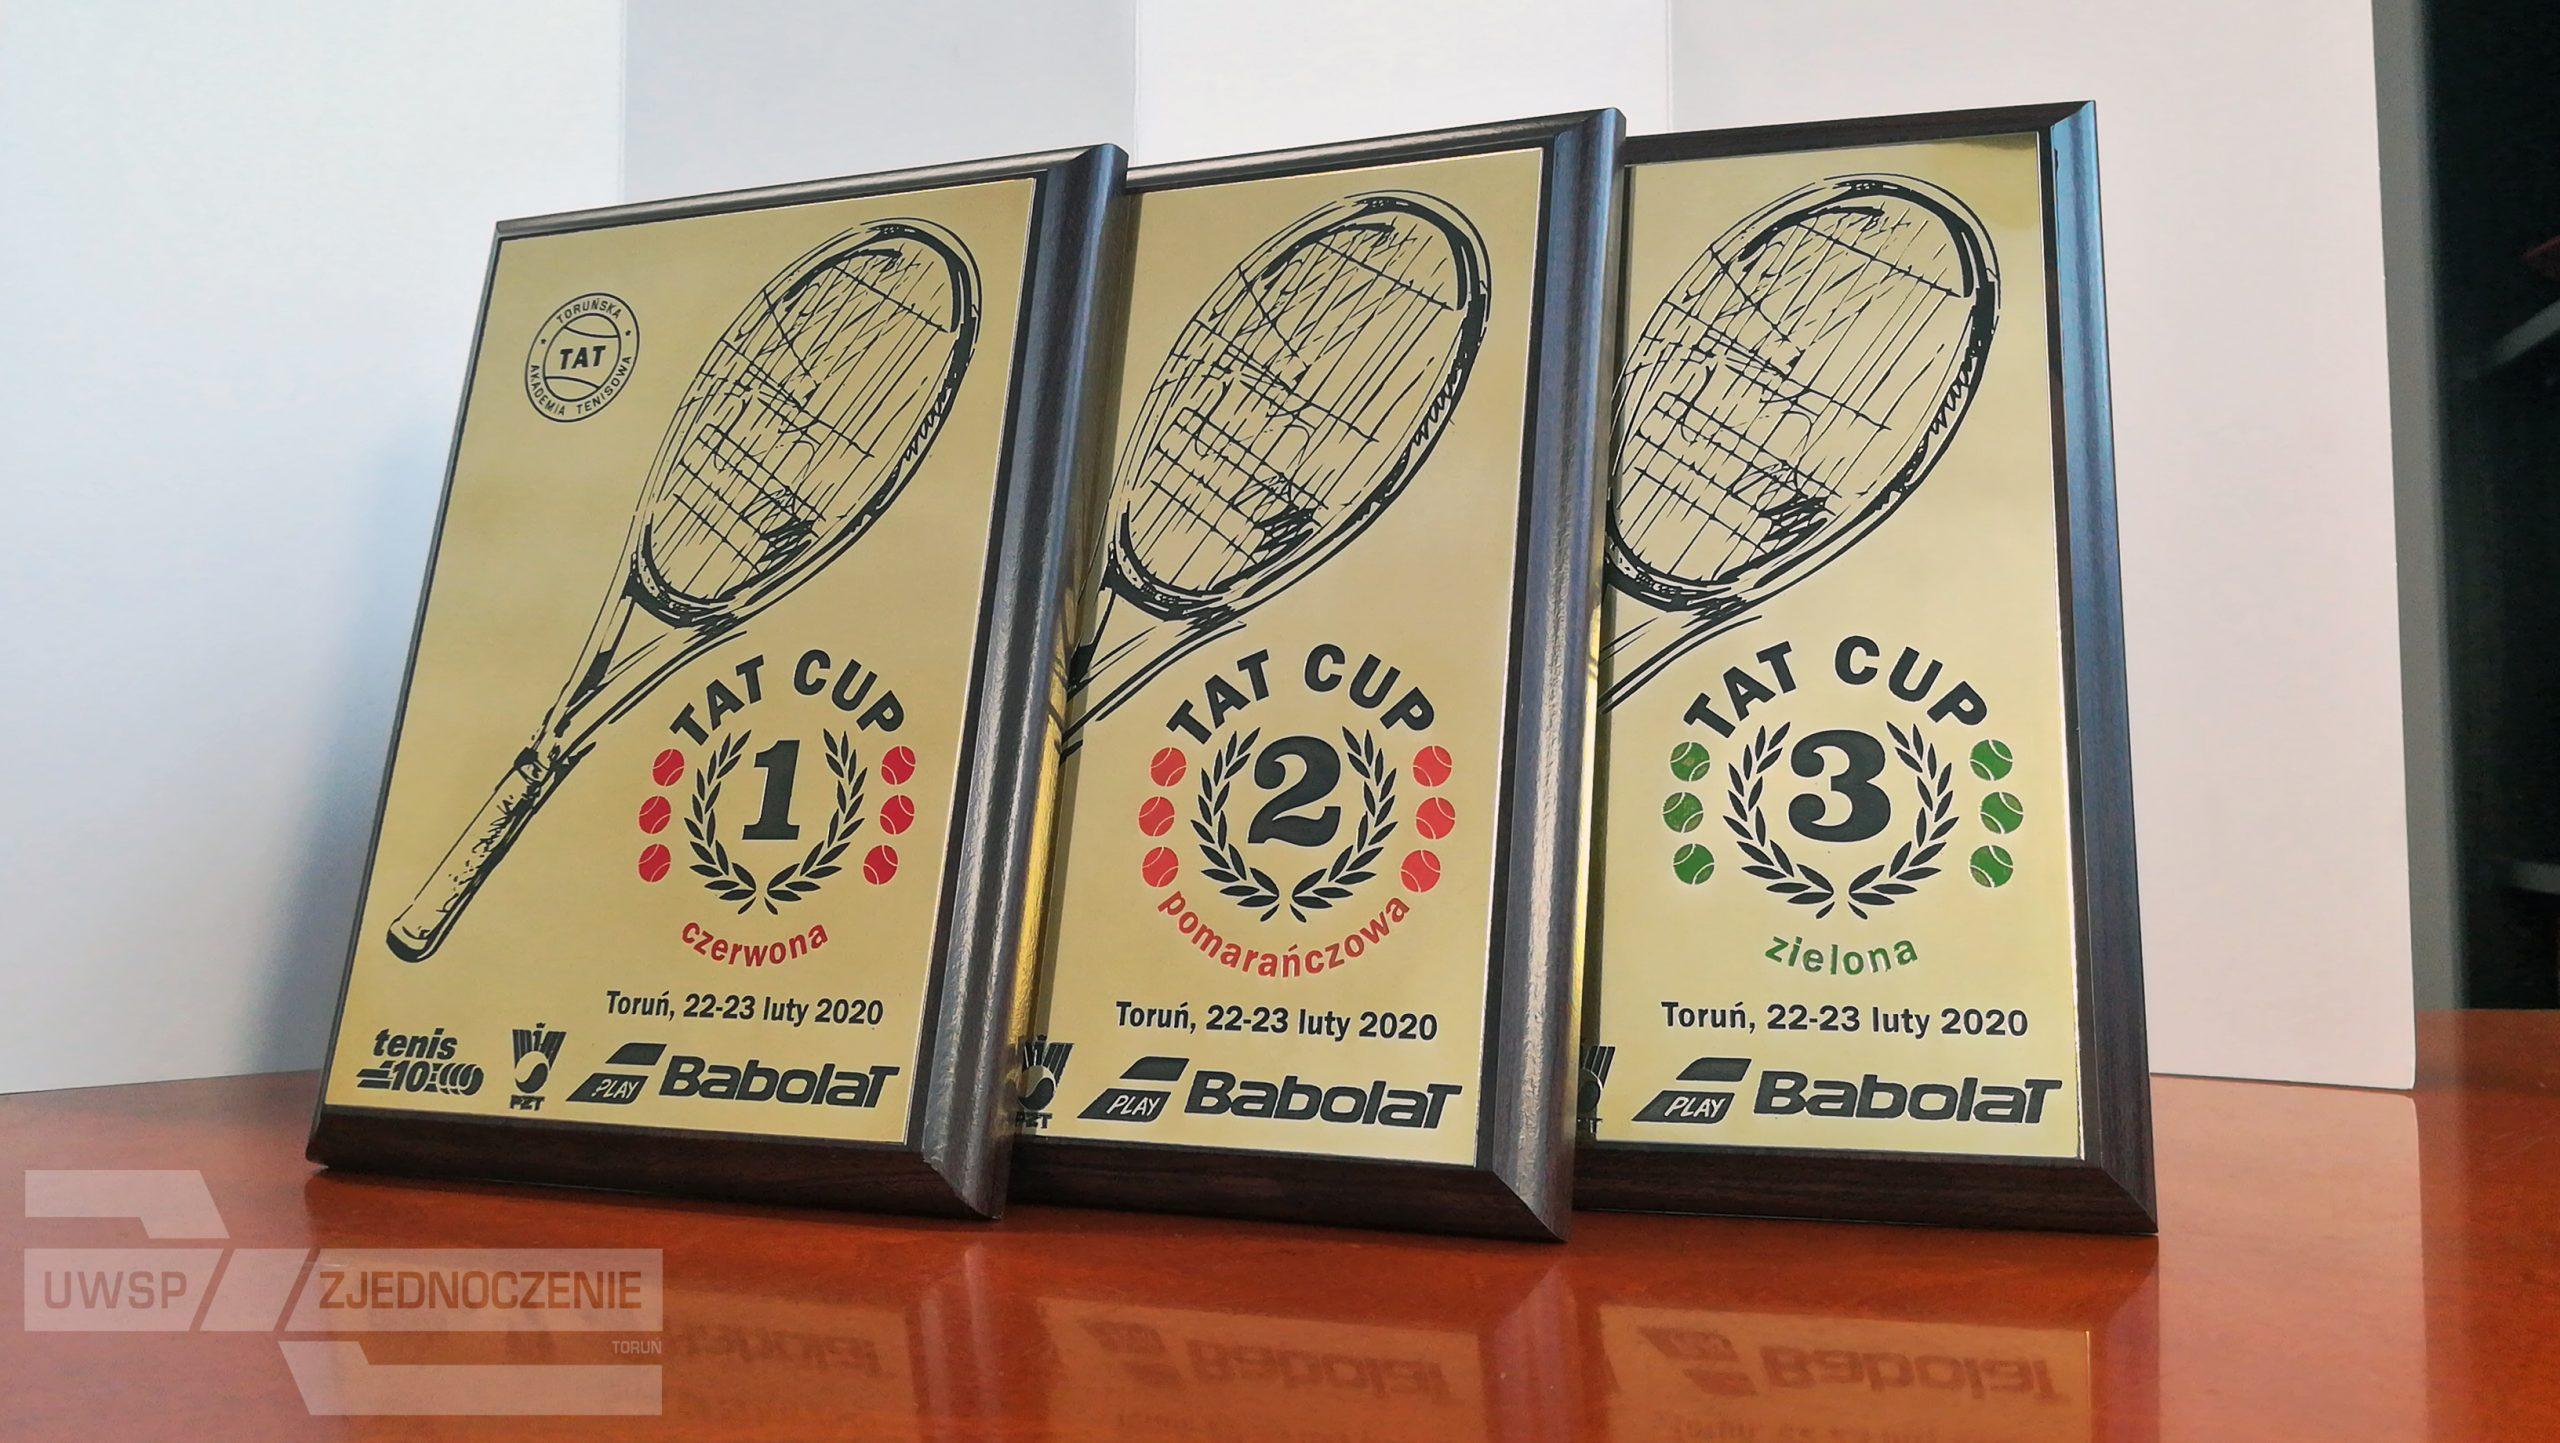 TAT CUP 2020 - trofea - UWSP ZJEDNOCZENIE Toruń